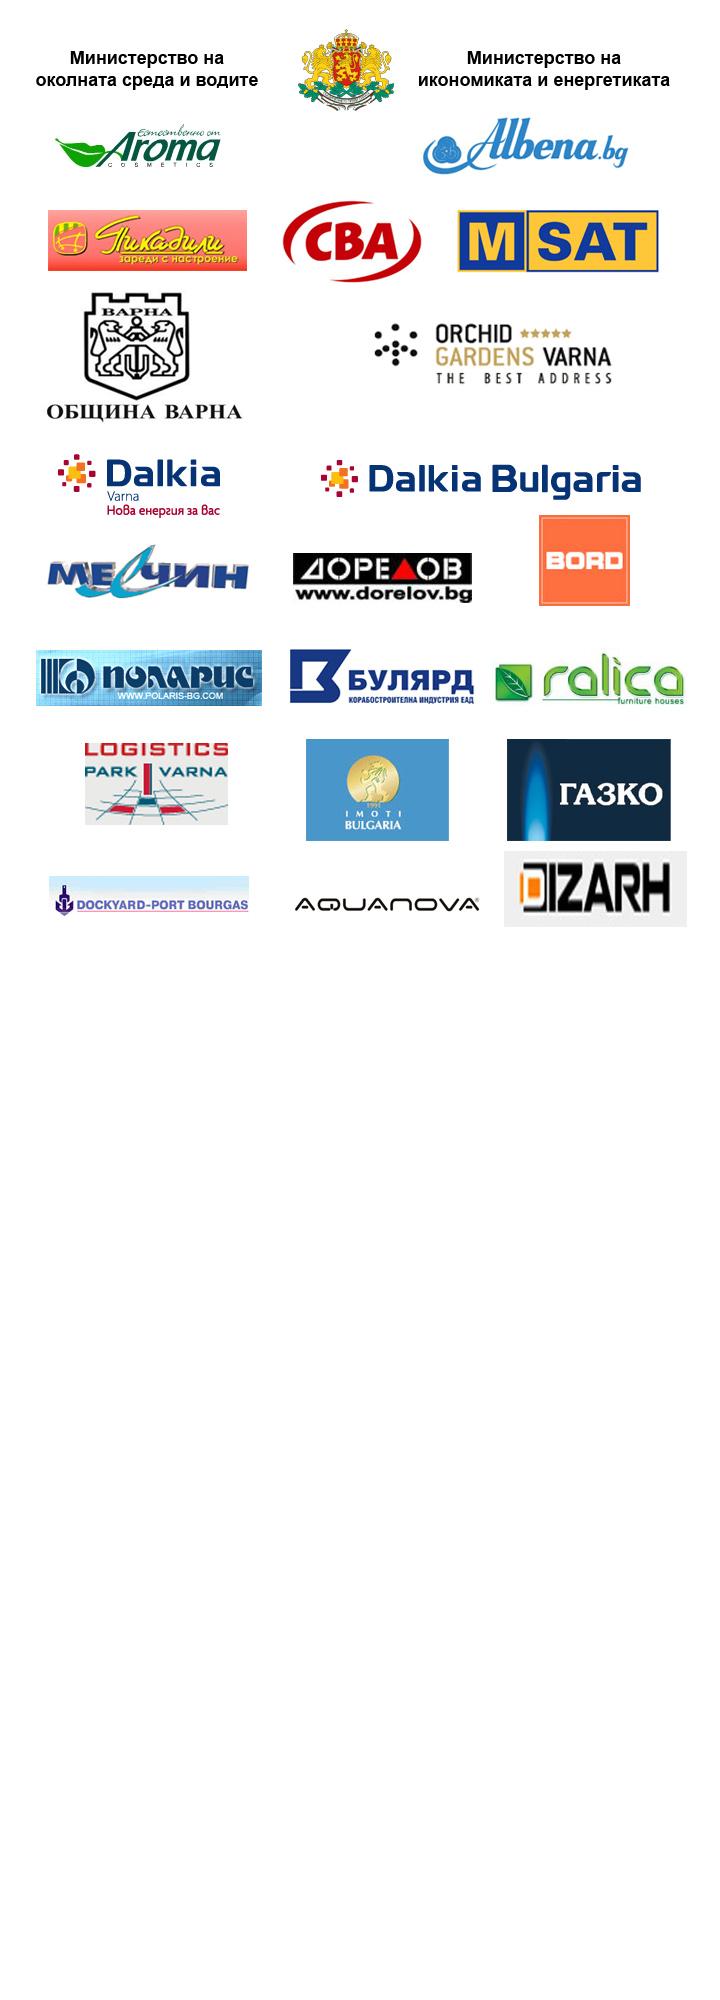 Уеб дизайн Варна - клиенти Интерсофт ООД